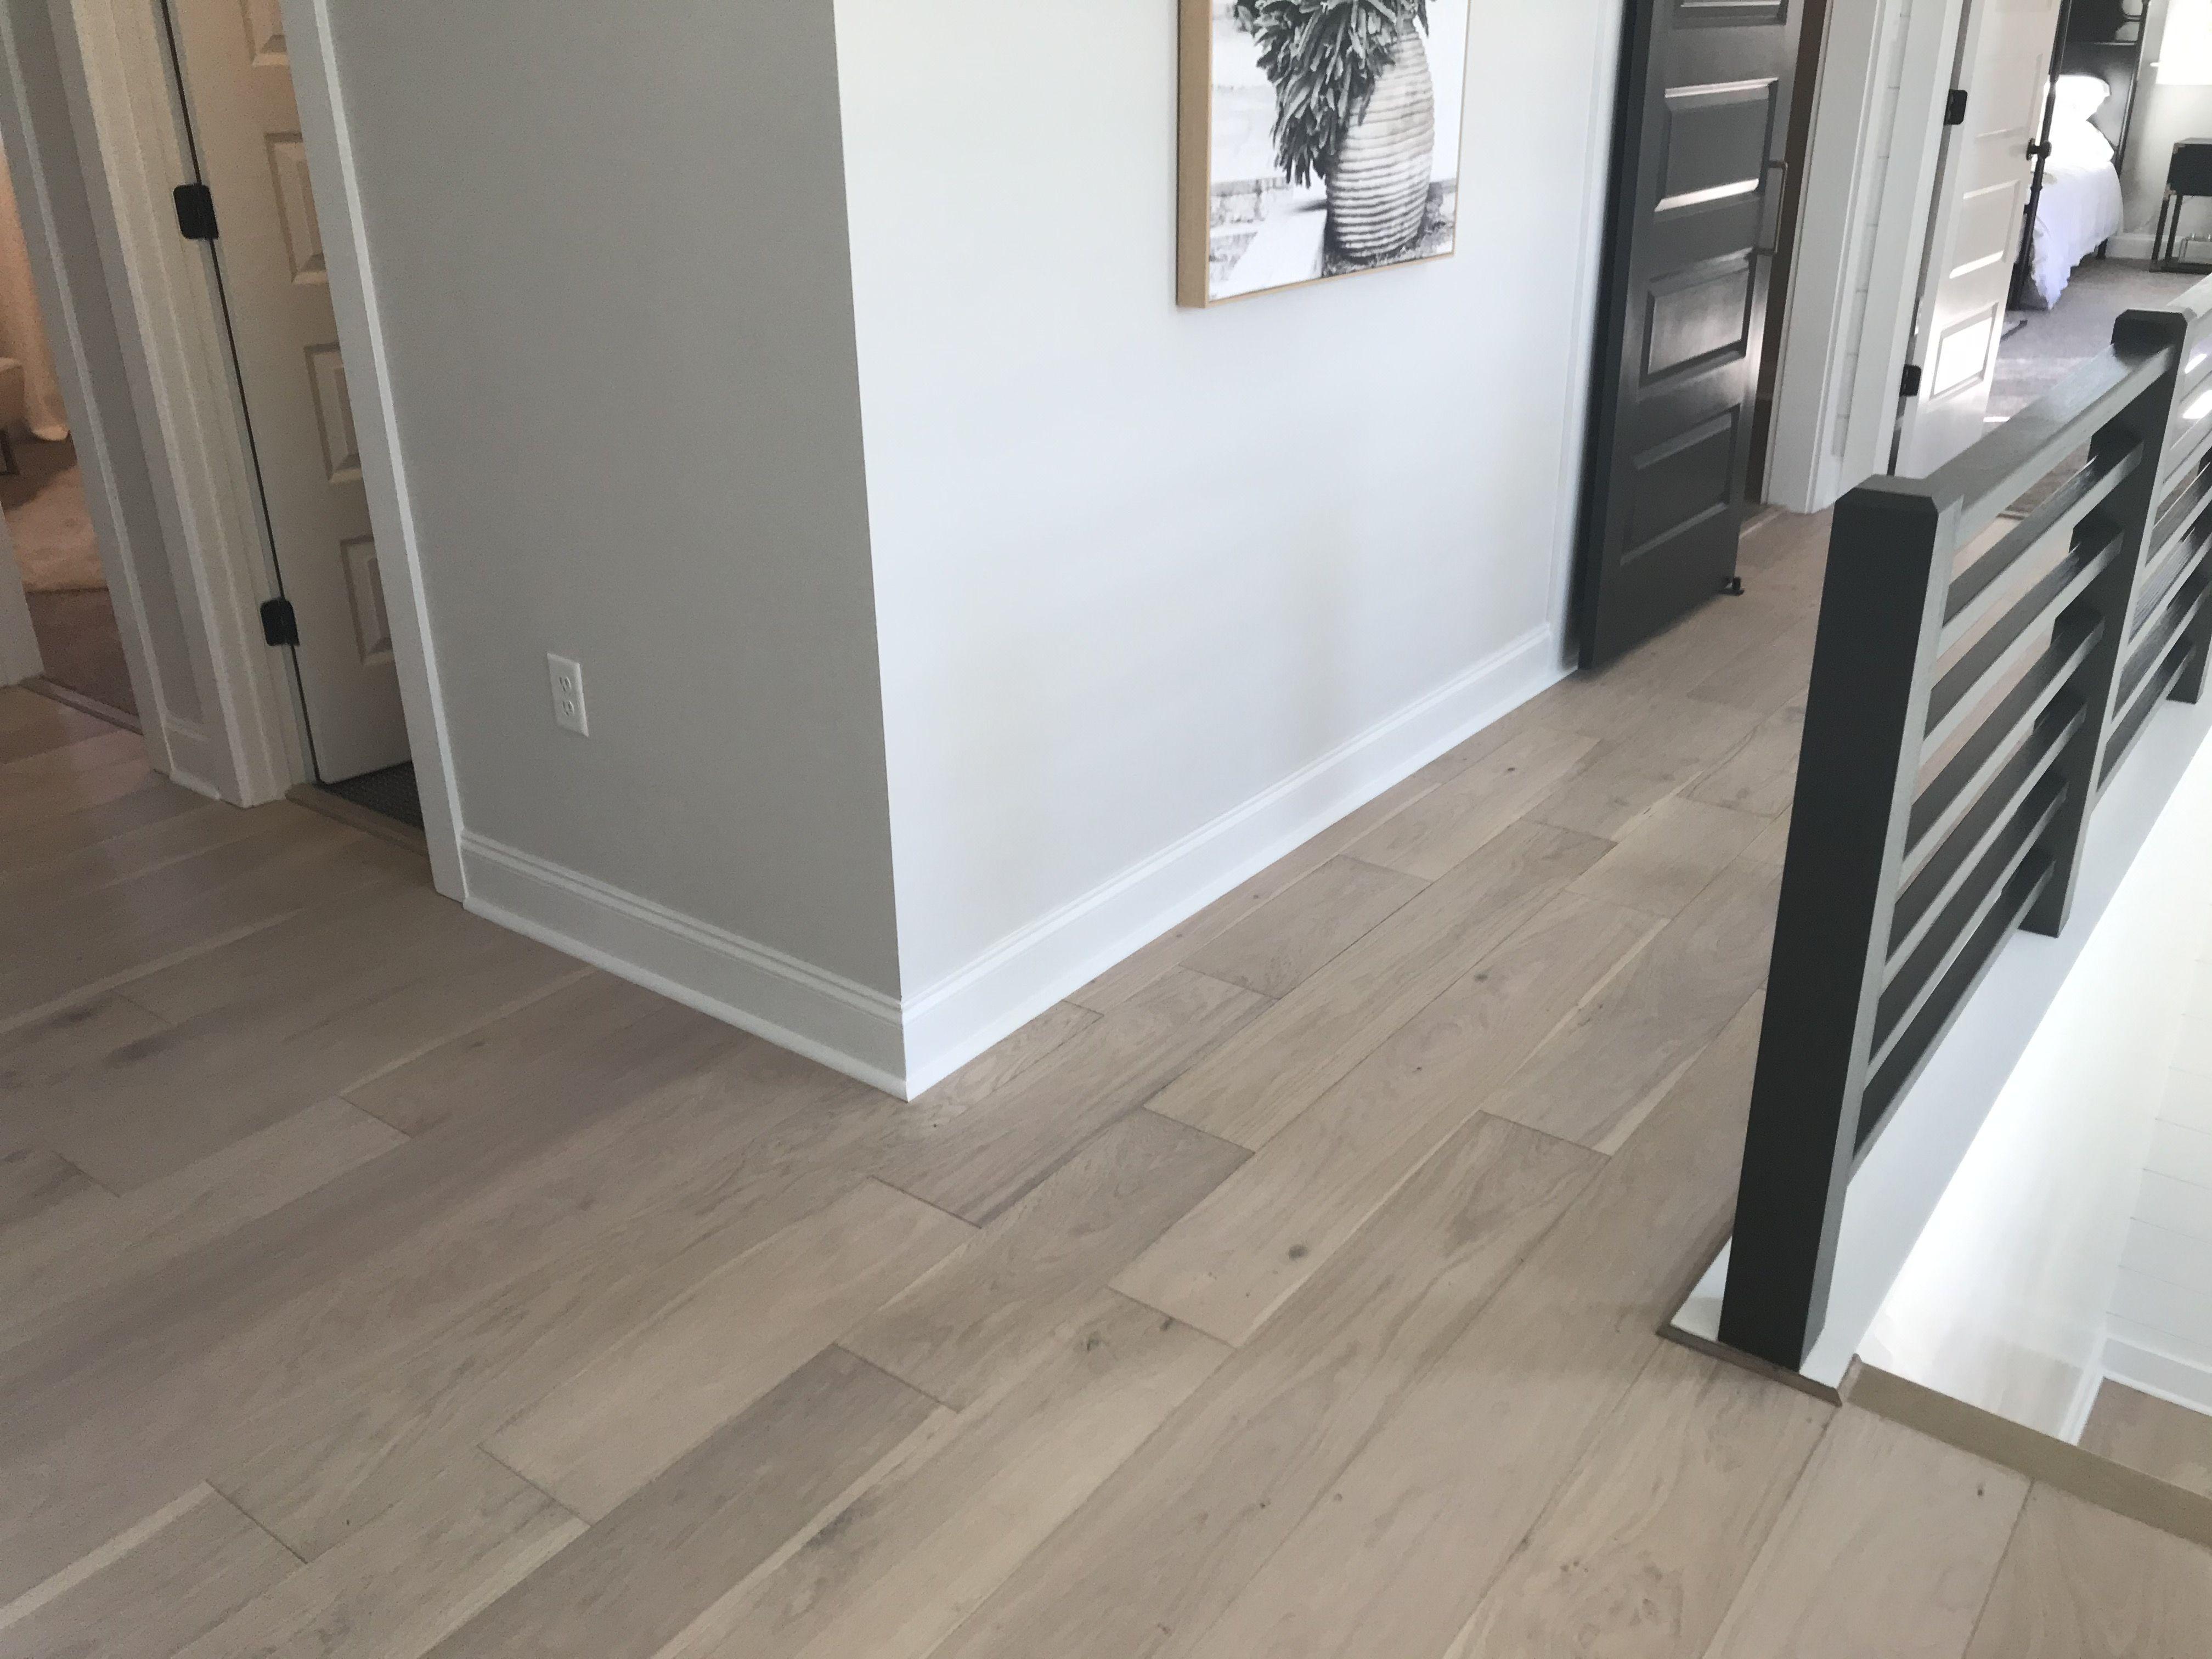 Seashell Oak Hardwood Hallmark Floors In 2020 Oak Hardwood Hardwood Floor Colors Flooring